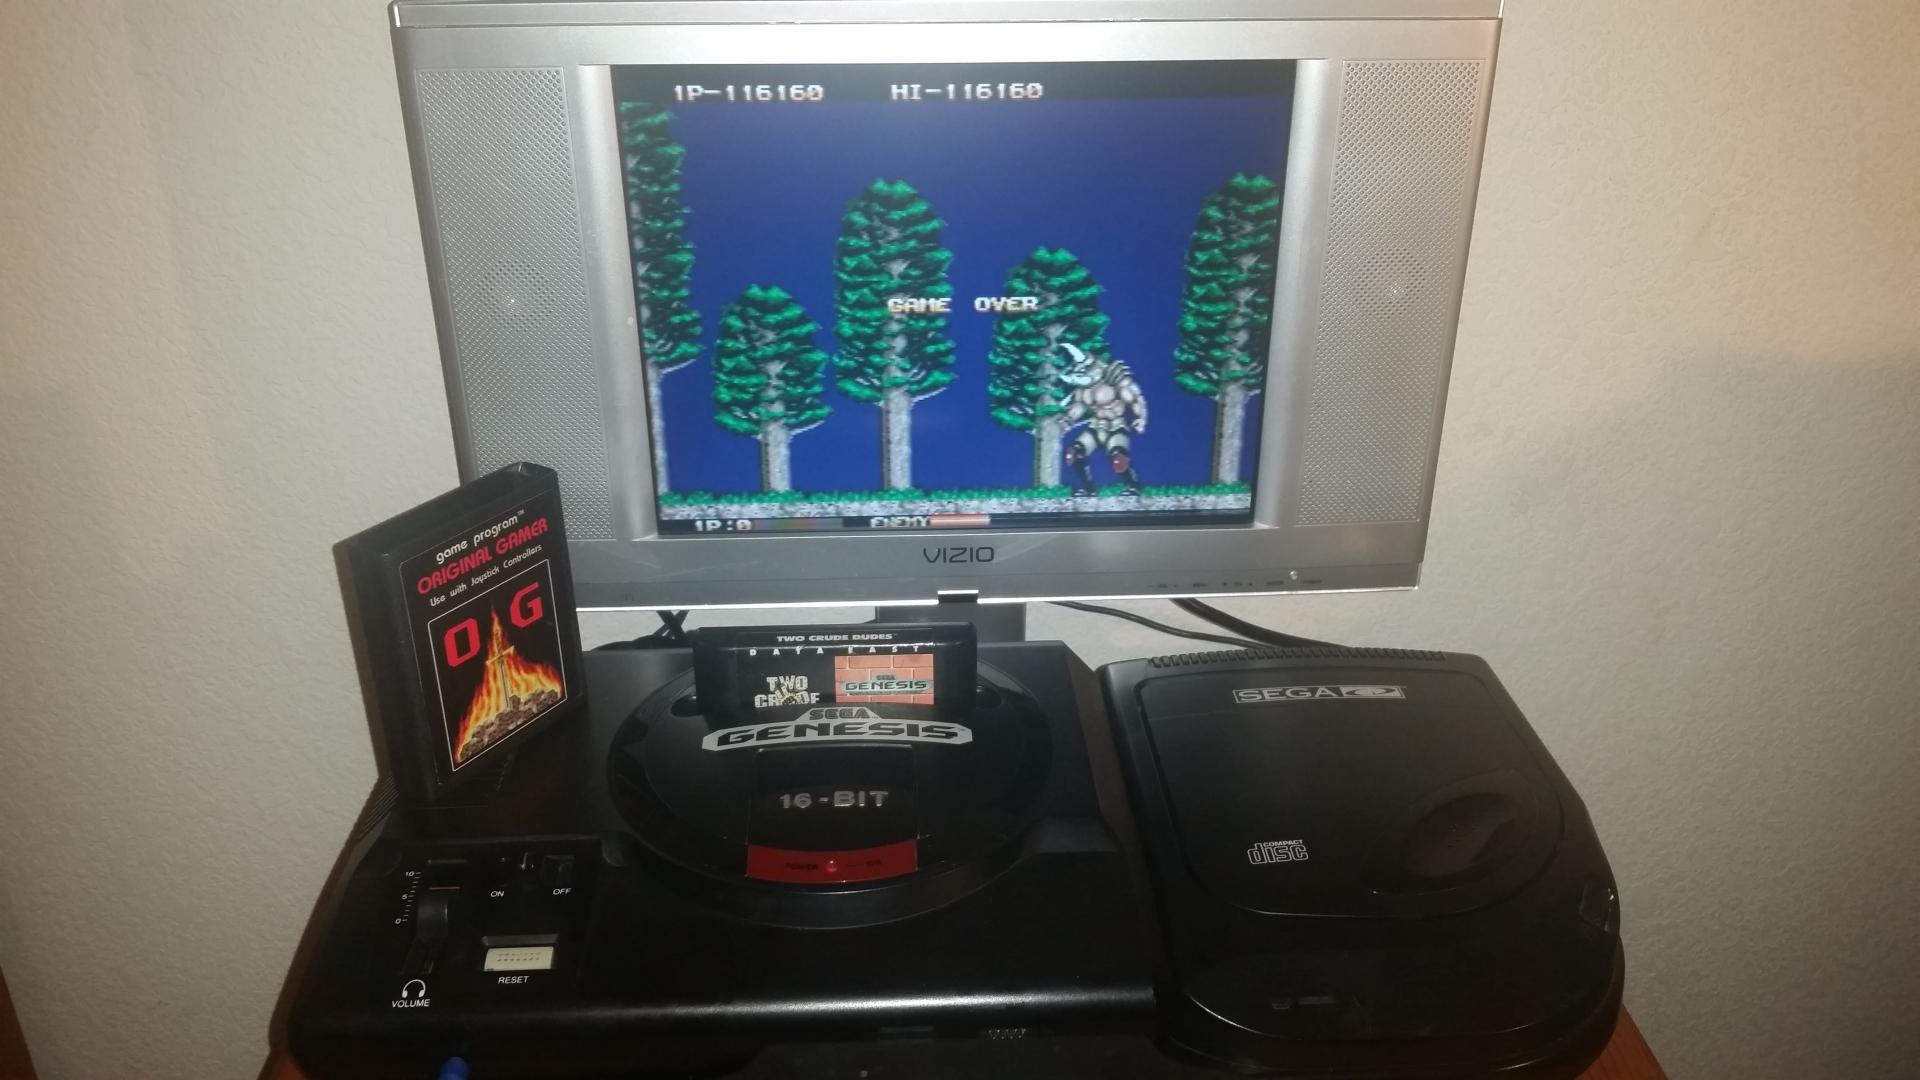 OriginalGamer: Two Crude Dudes [Normal/3 Lives] (Sega Genesis / MegaDrive) 116,160 points on 2016-10-24 19:16:03